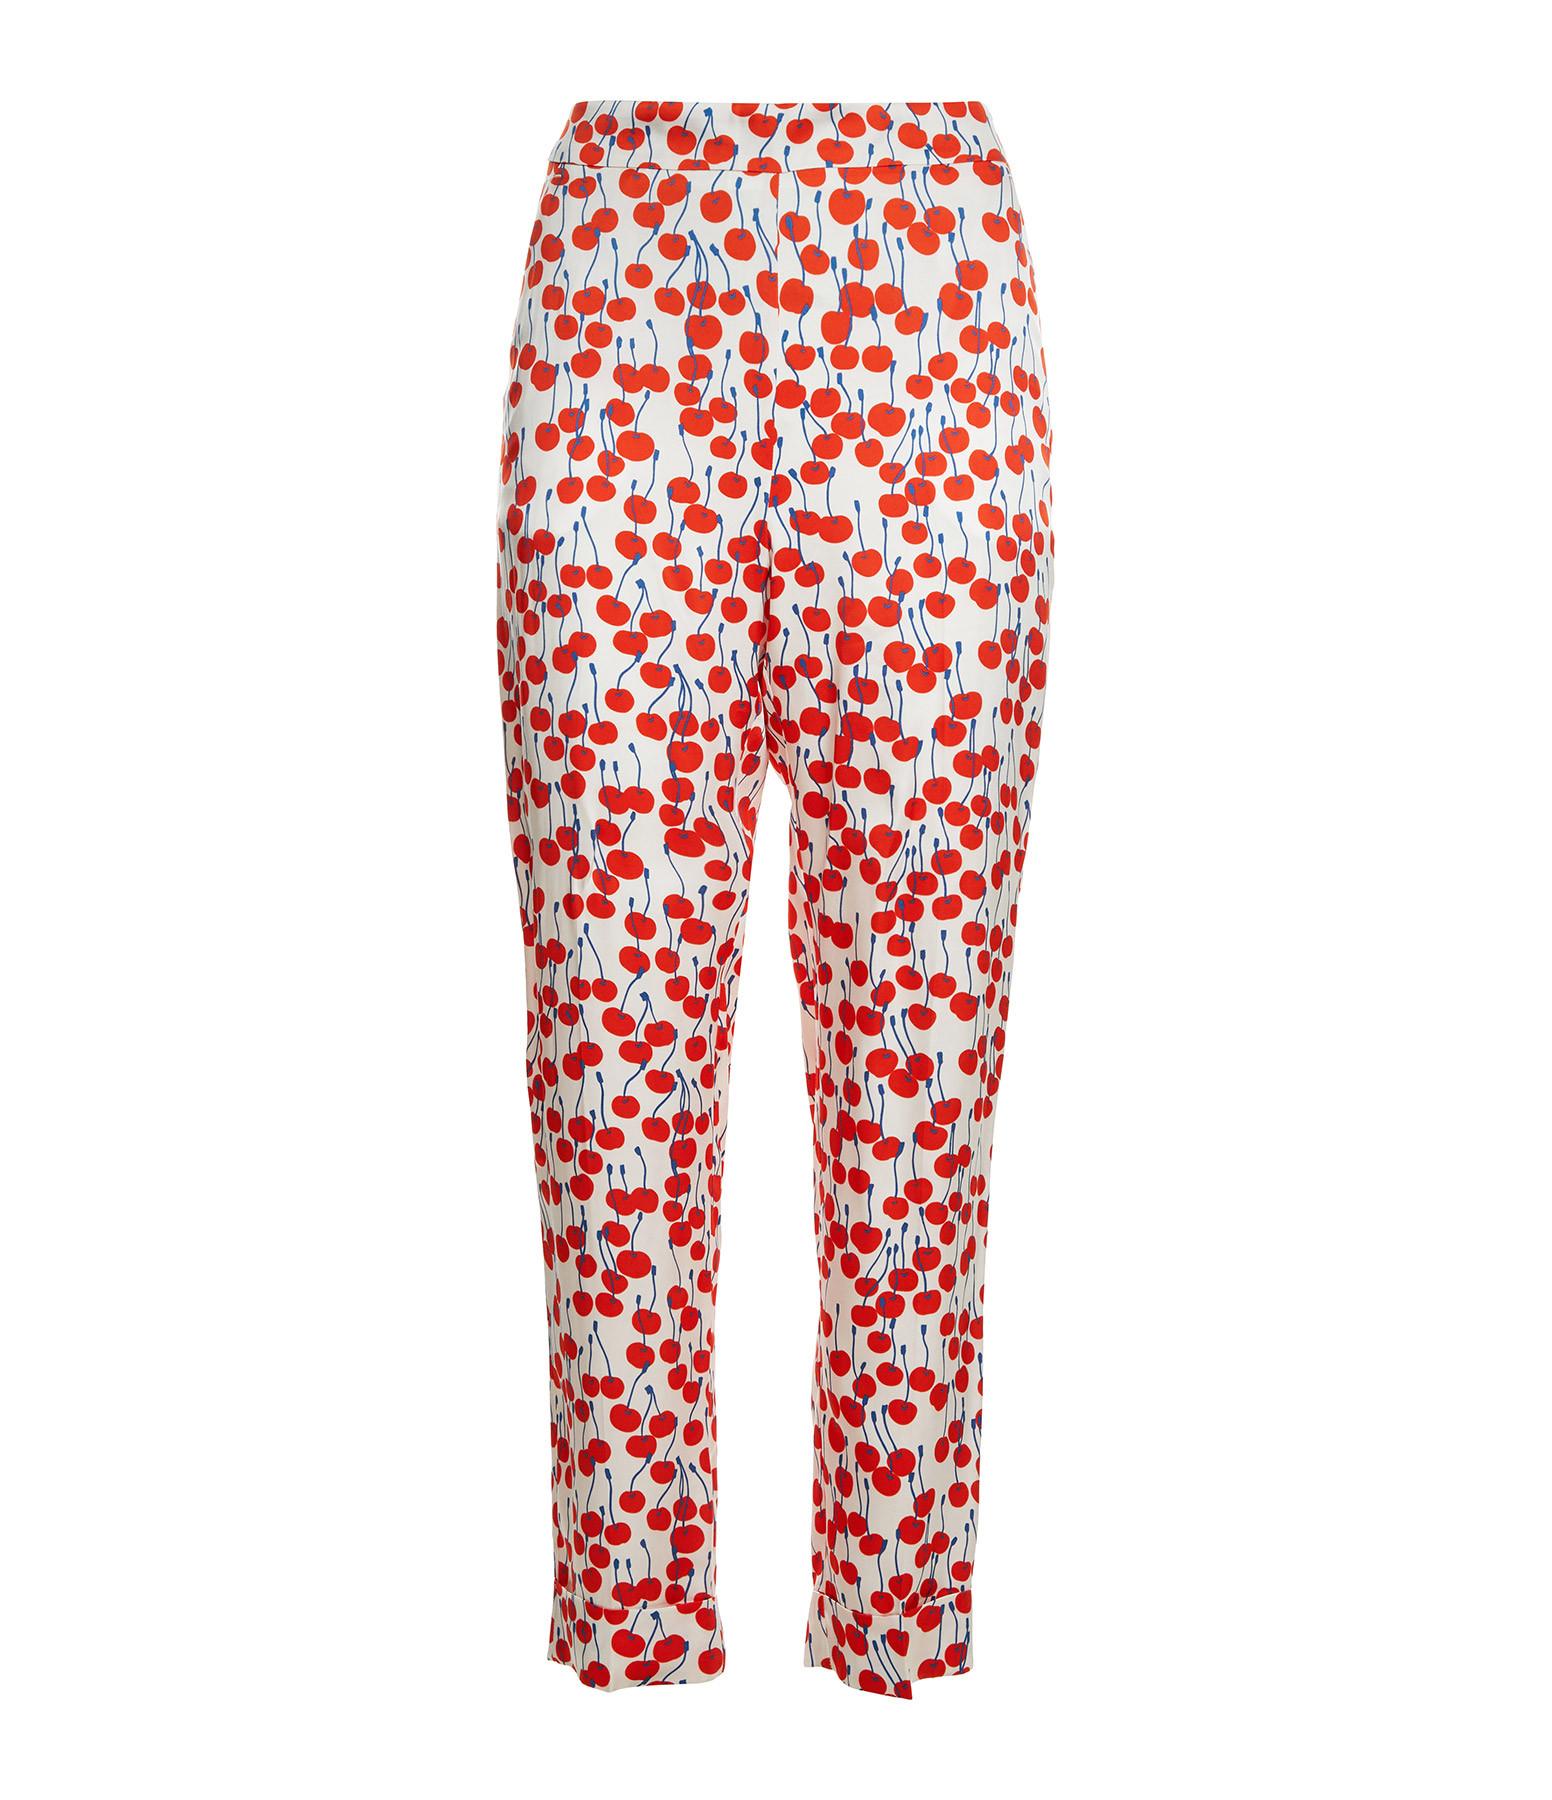 VICTORIA VICTORIA BECKHAM - Pantalon Pyjama Imprimé Cerise